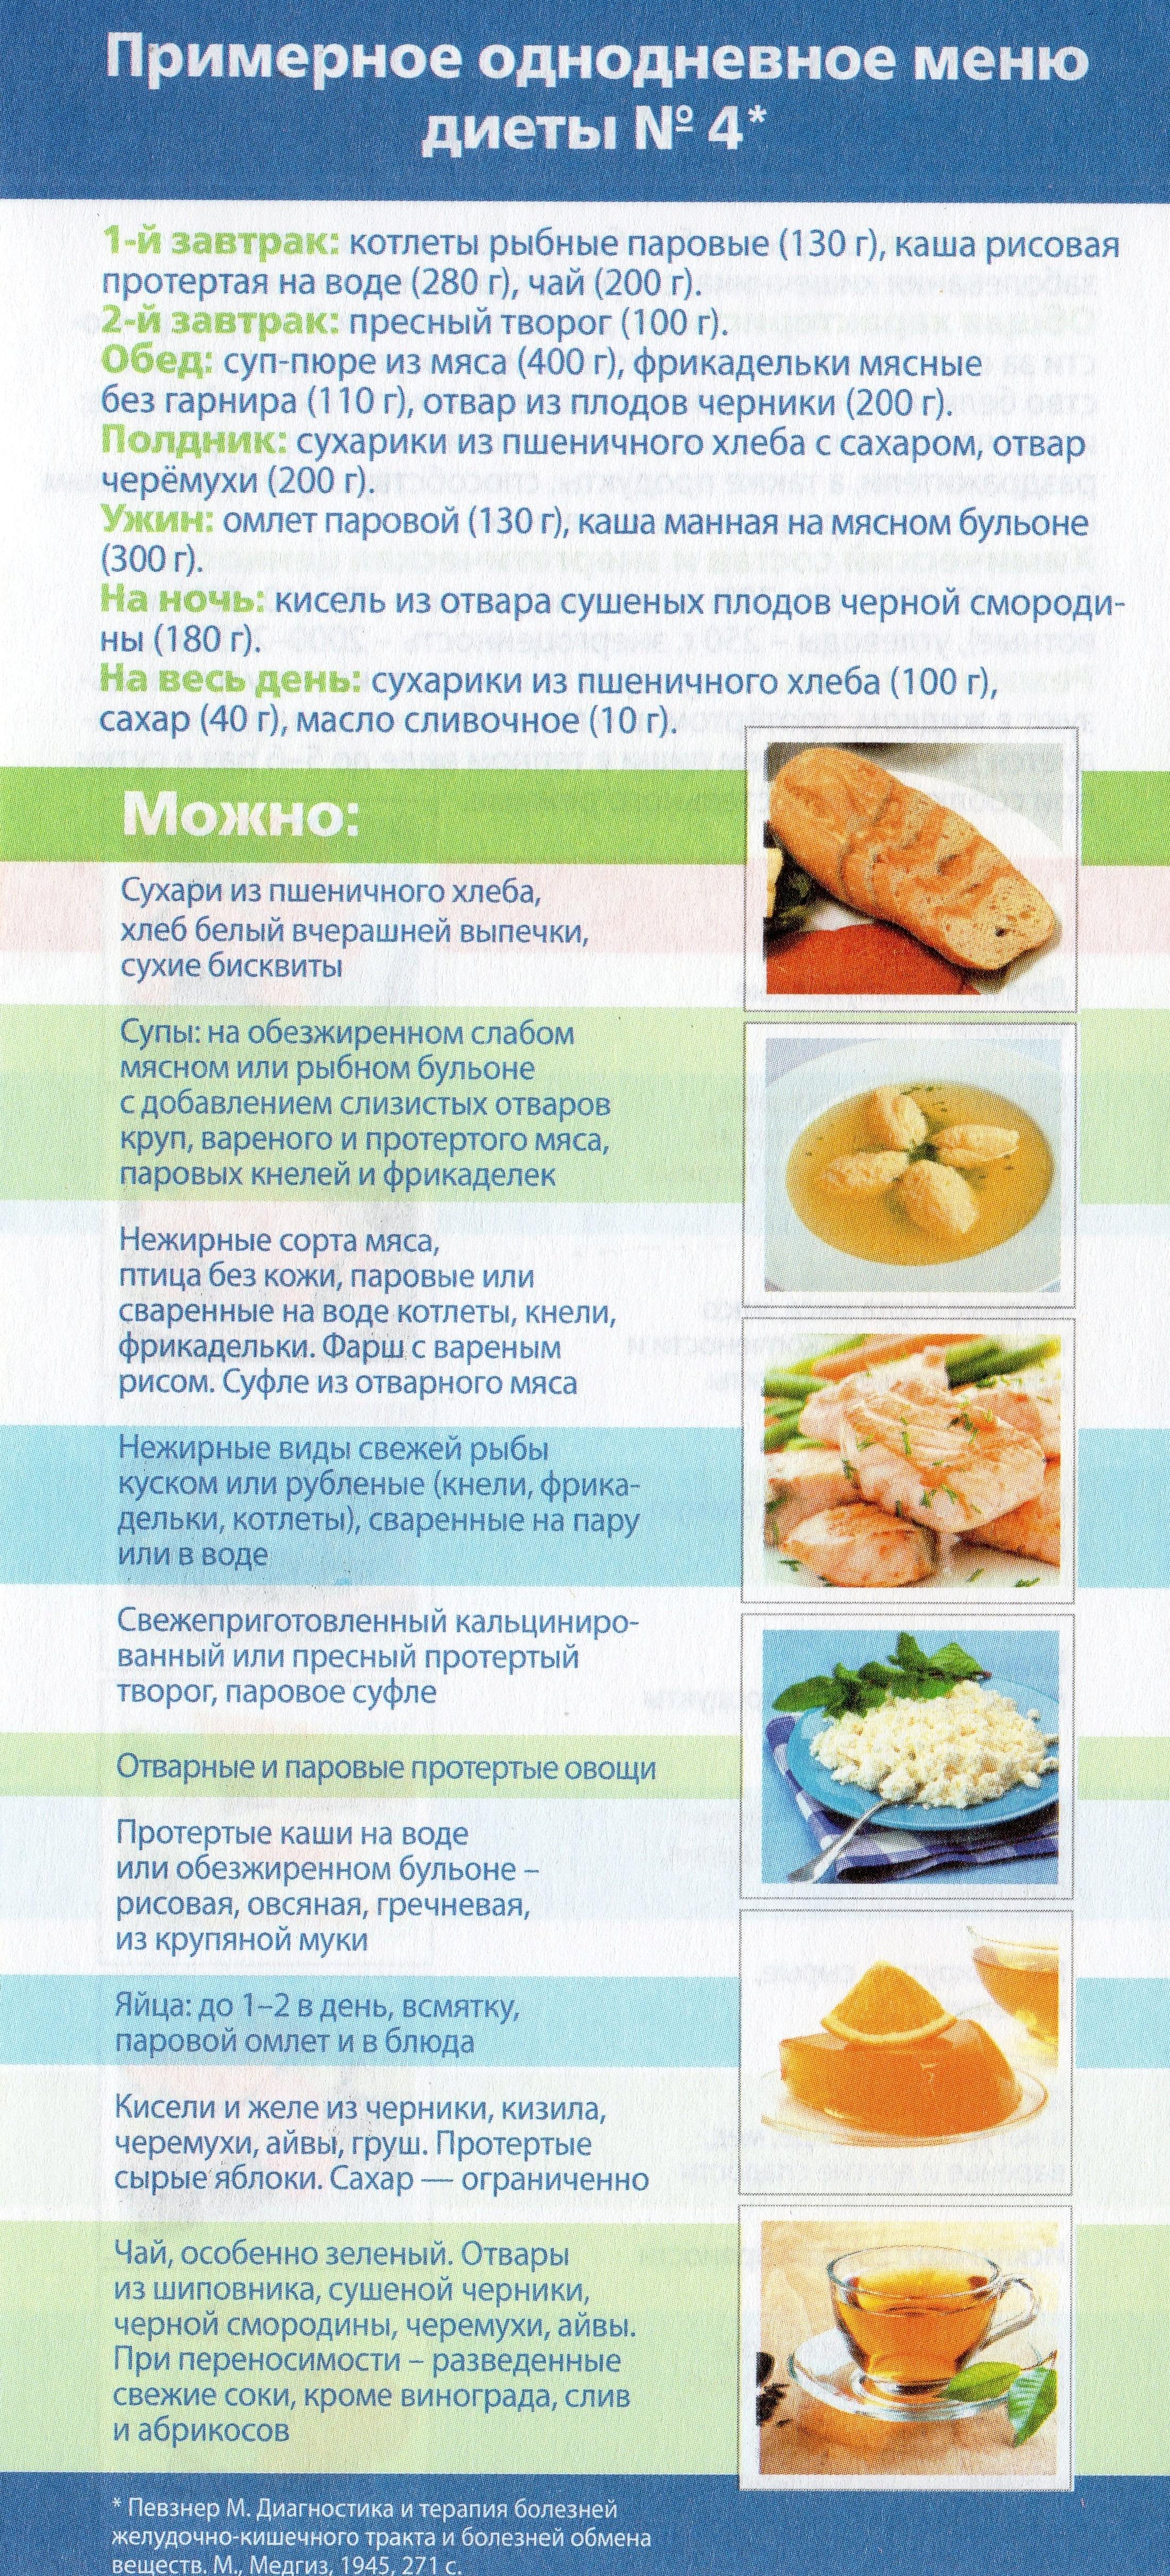 диета 4в меню